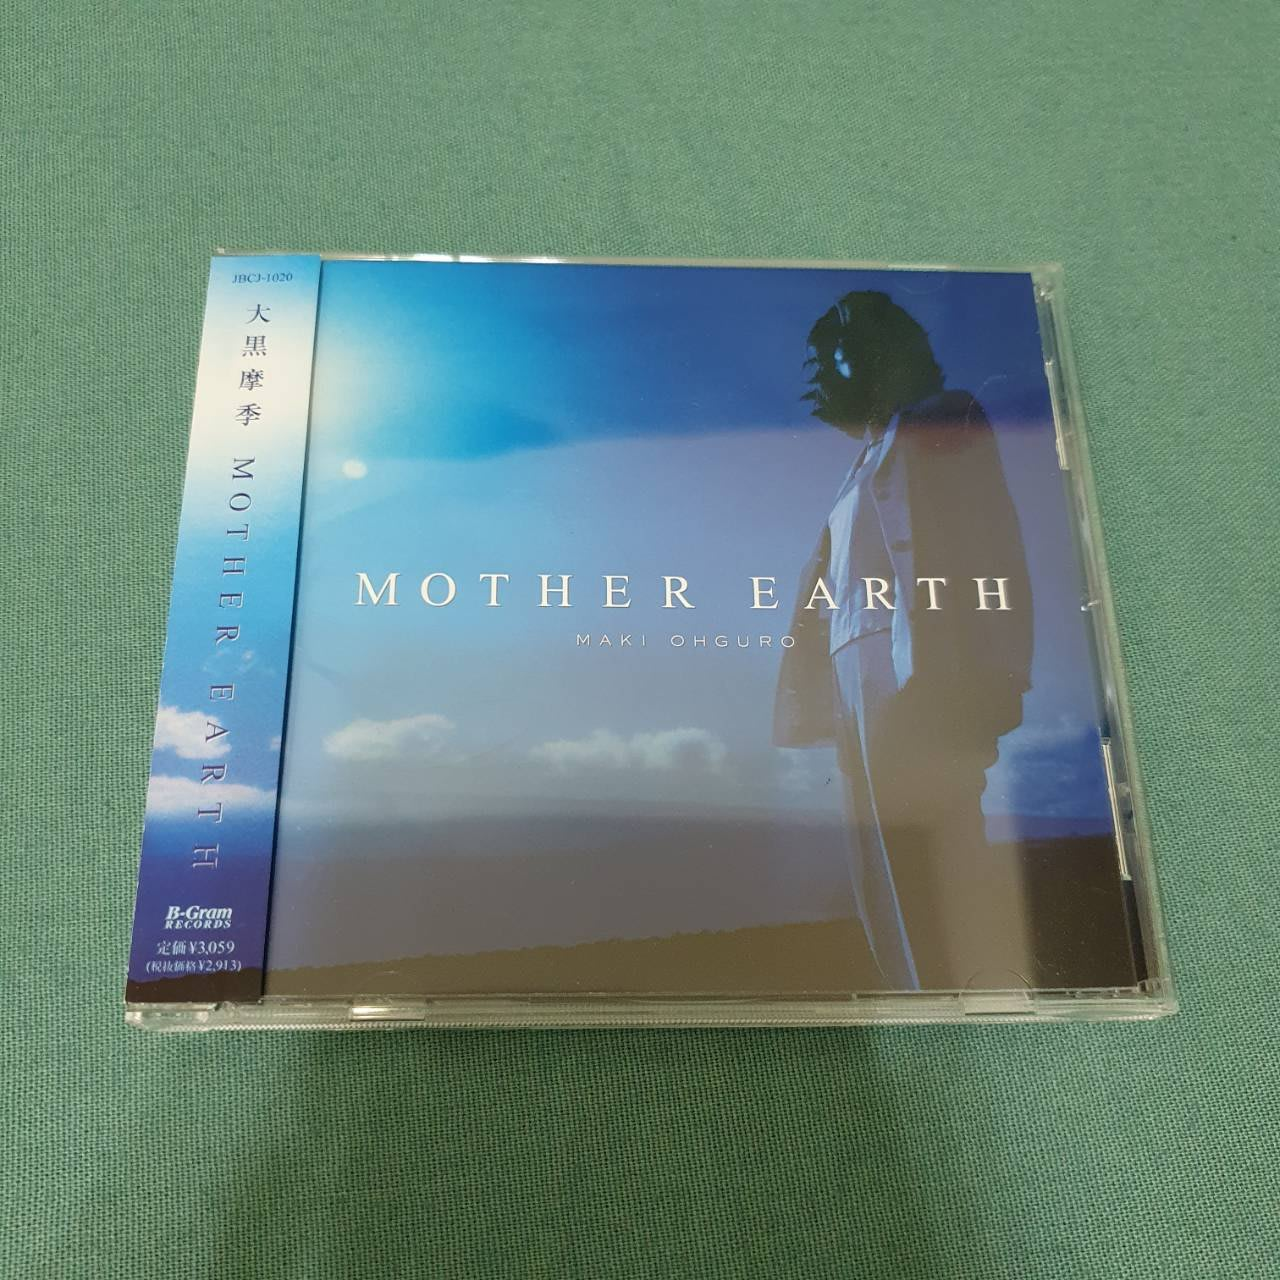 大黑摩季 MOTHER EARTH 日版 附側標 (灌籃高手SLAM DUNK片尾曲主唱1998年專輯)